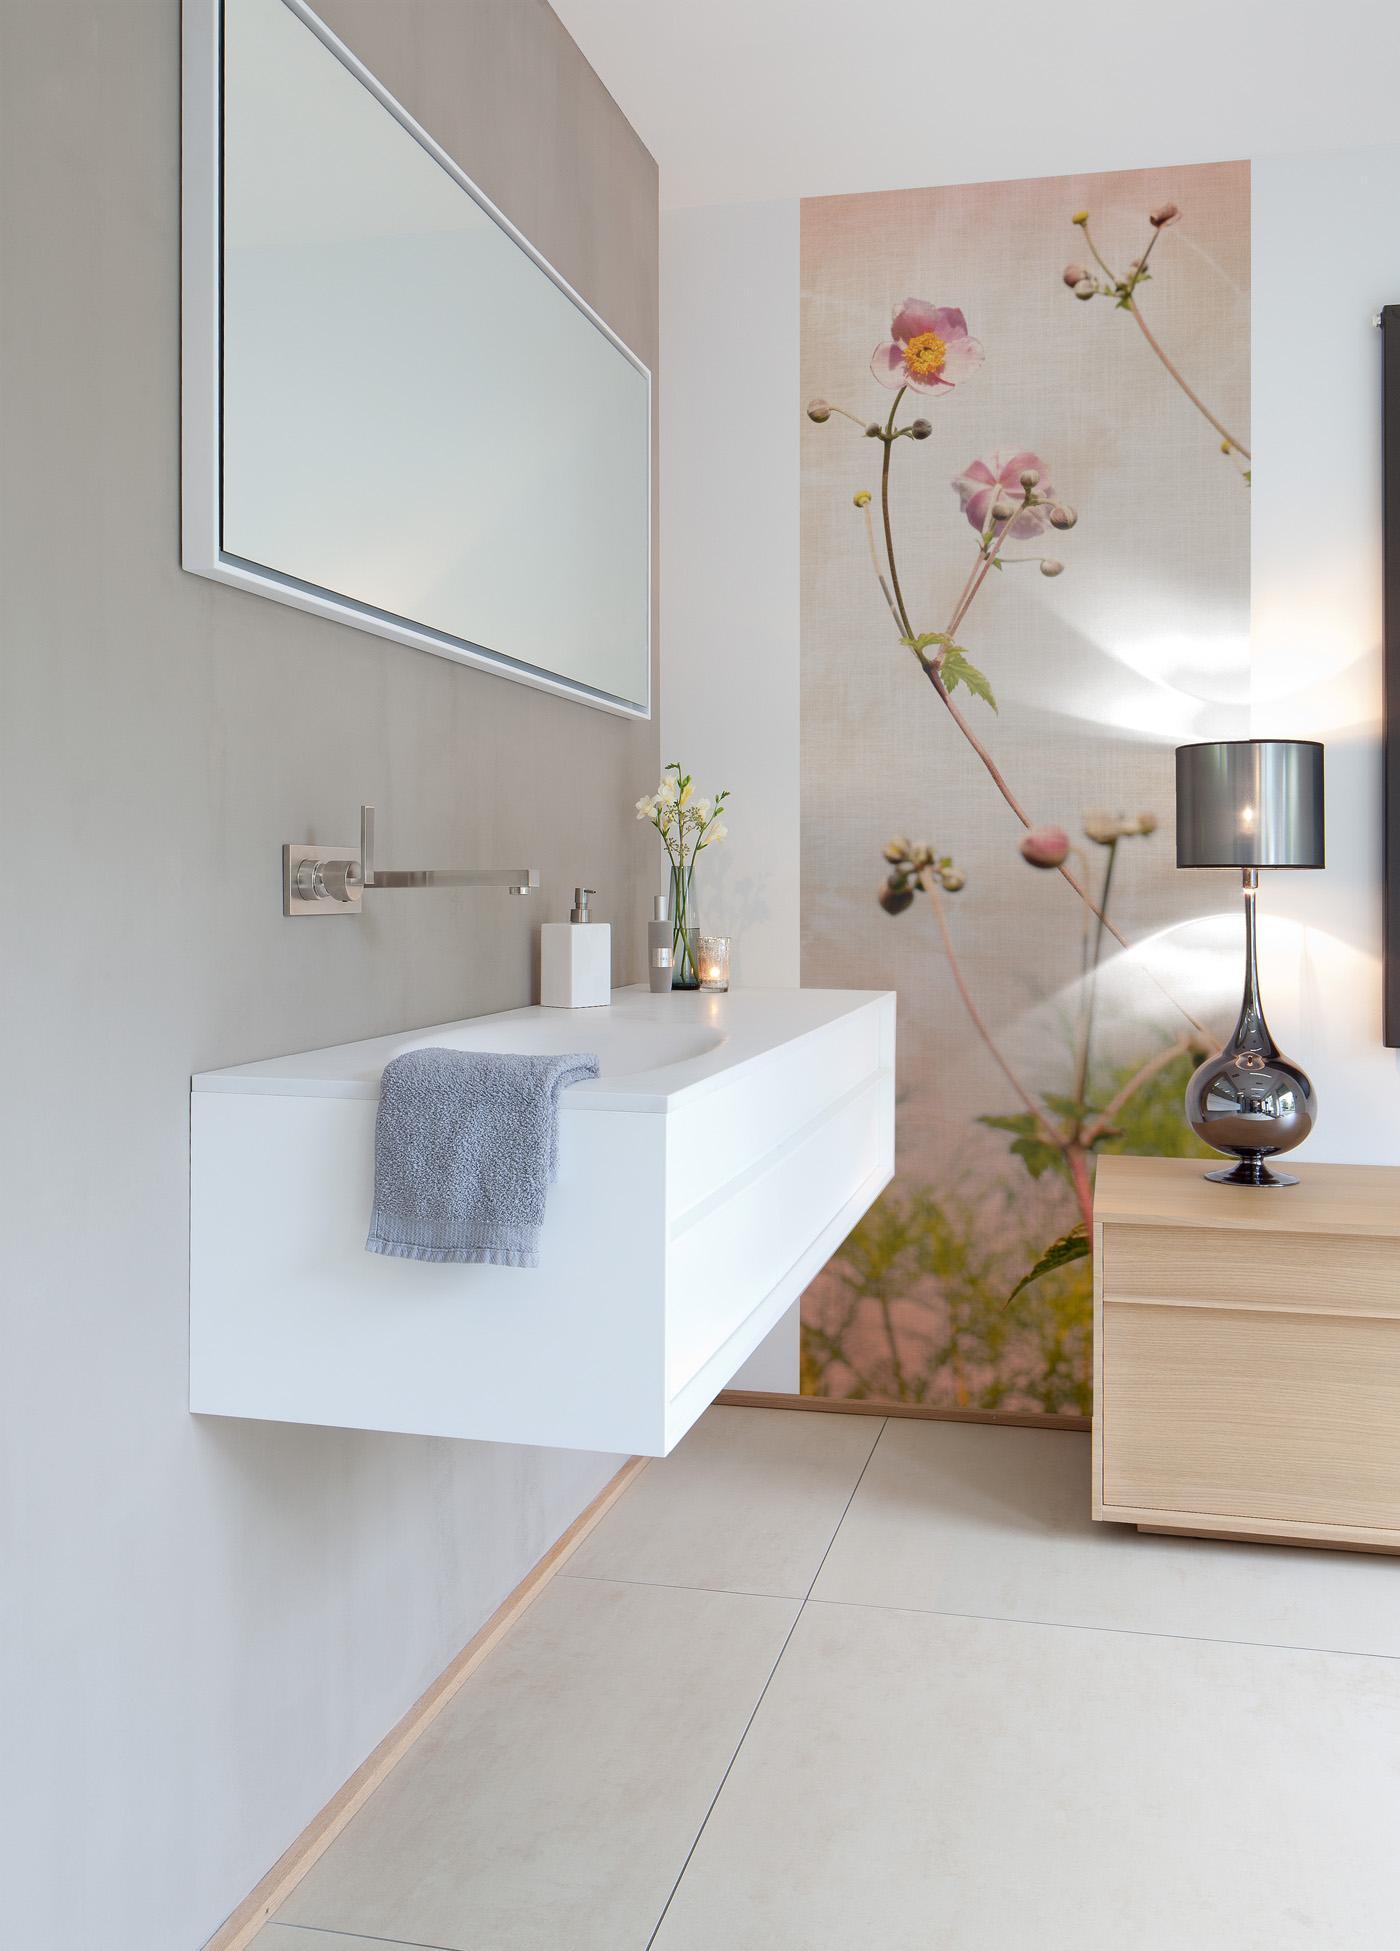 blumentapete bilder ideen couch. Black Bedroom Furniture Sets. Home Design Ideas